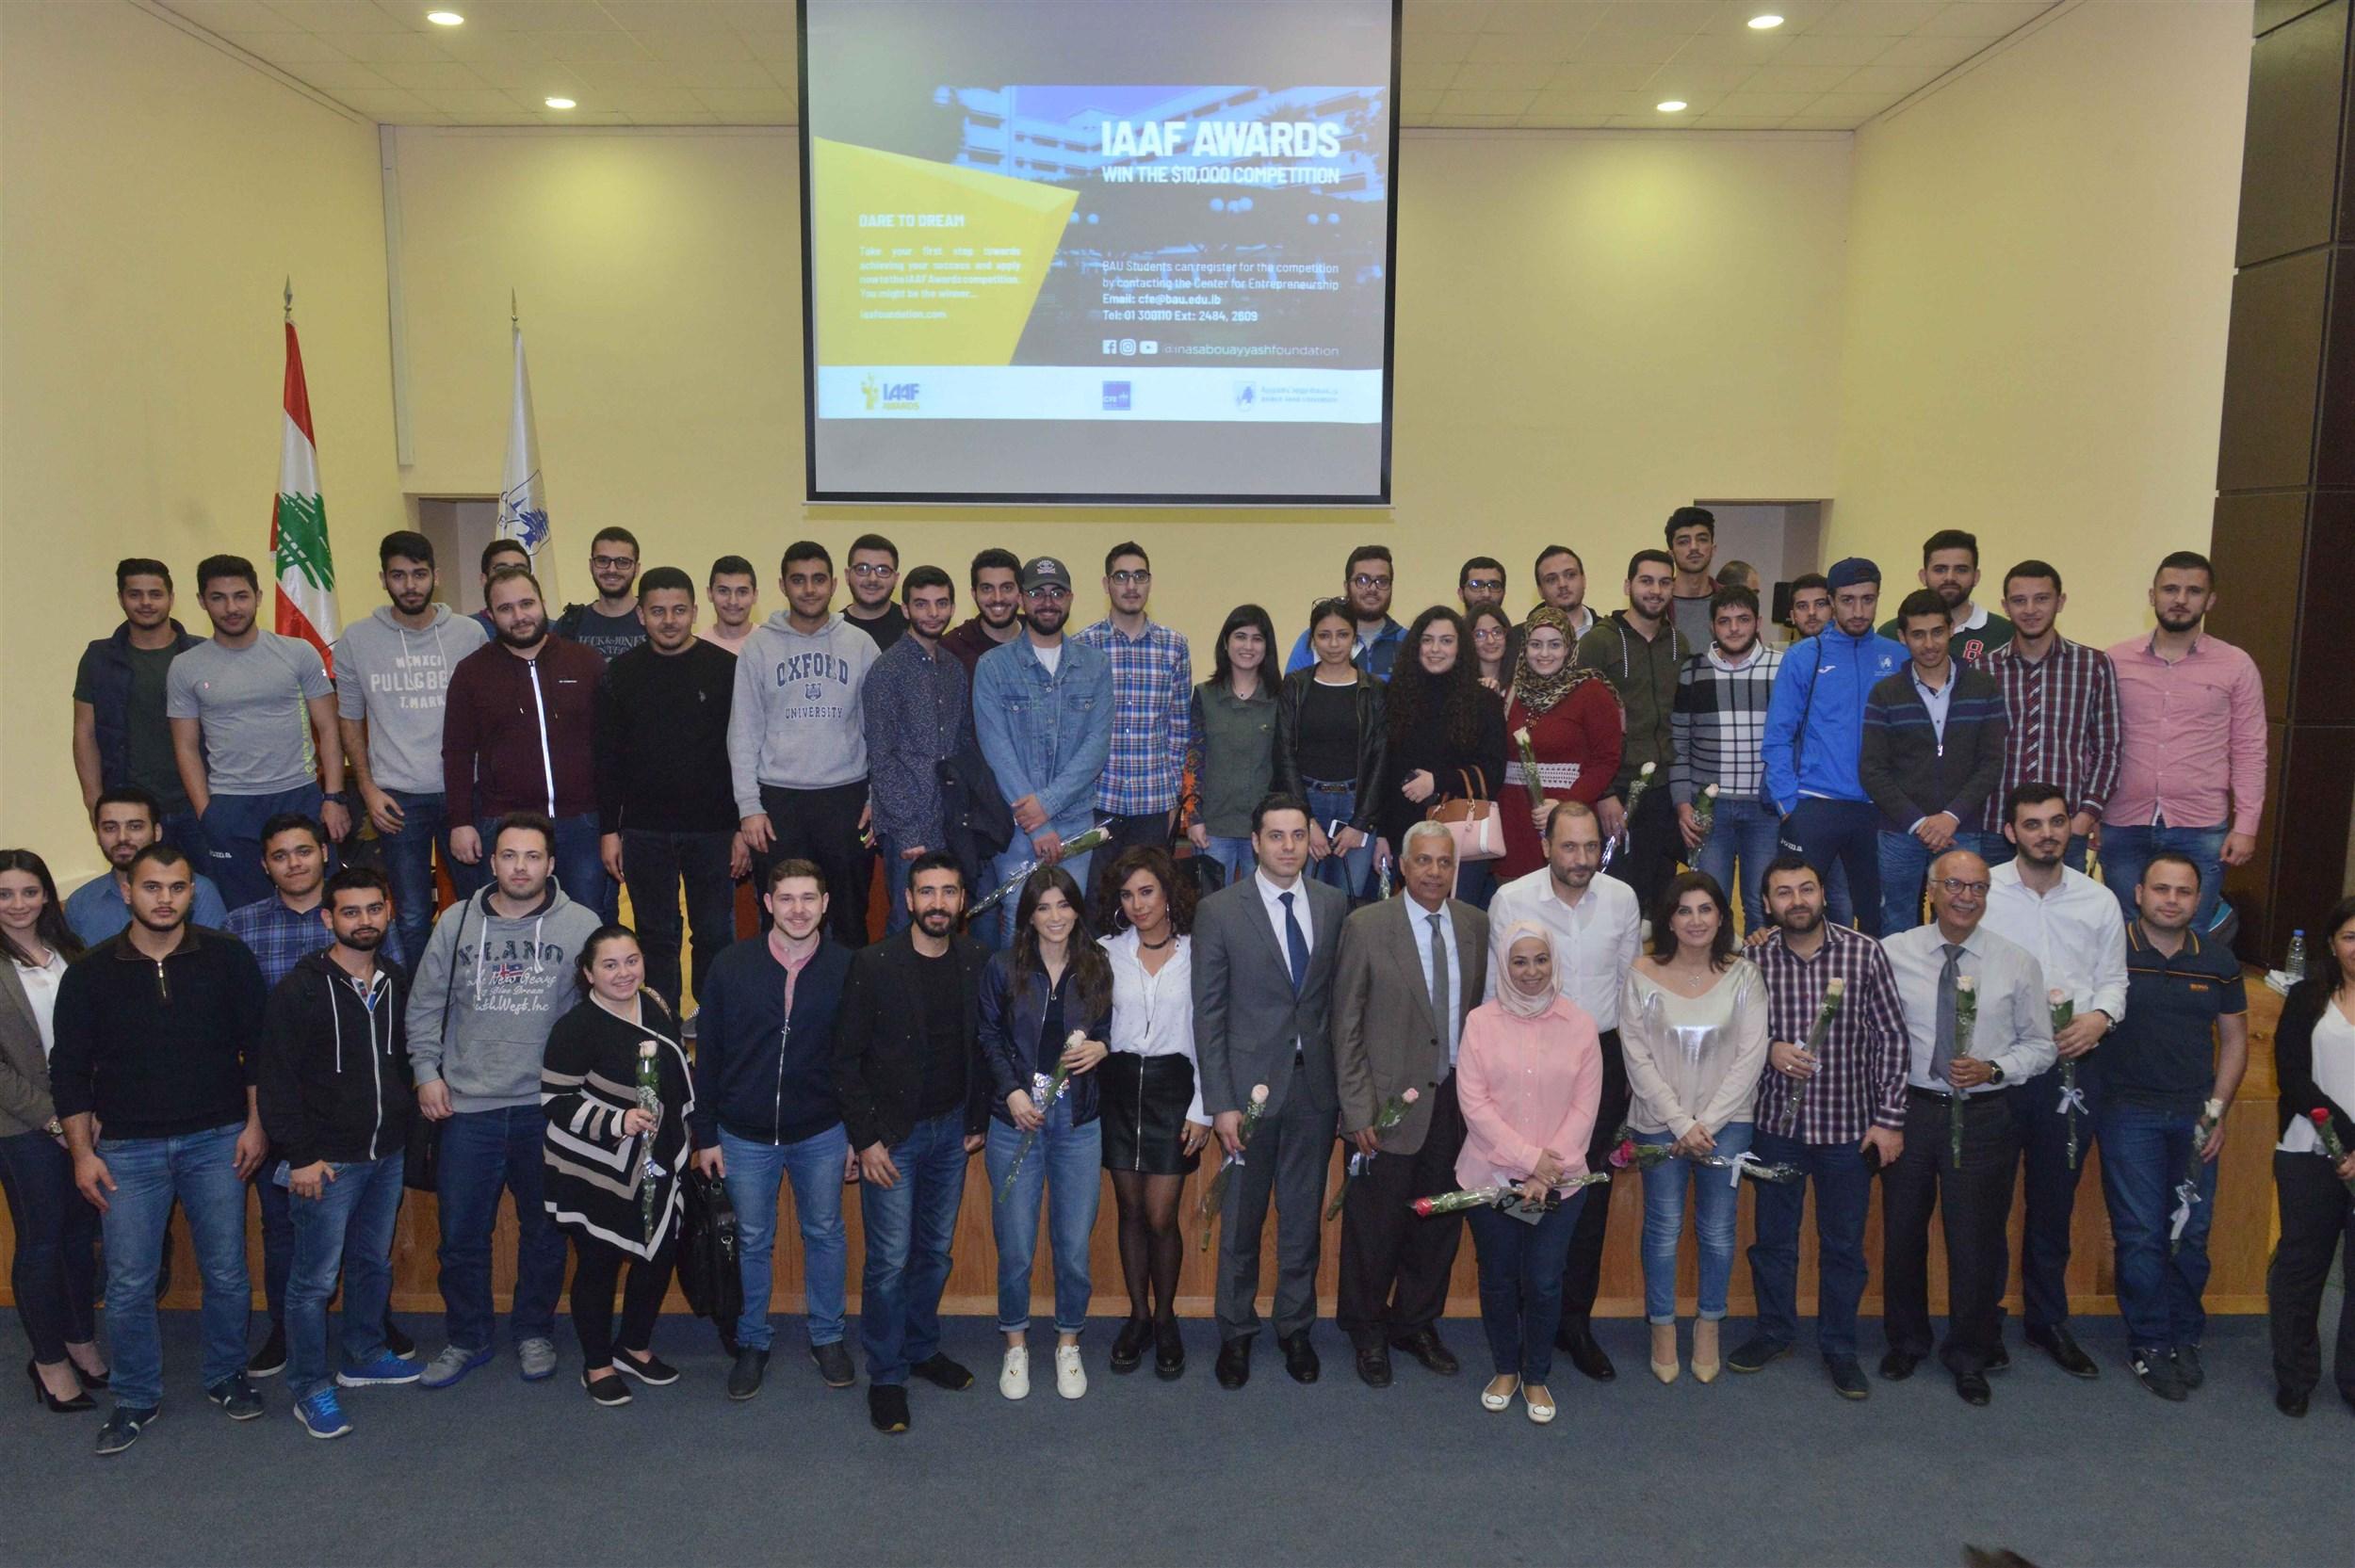 IAAF Awards - Beirut Arab University Debbiyeh Launching 2018